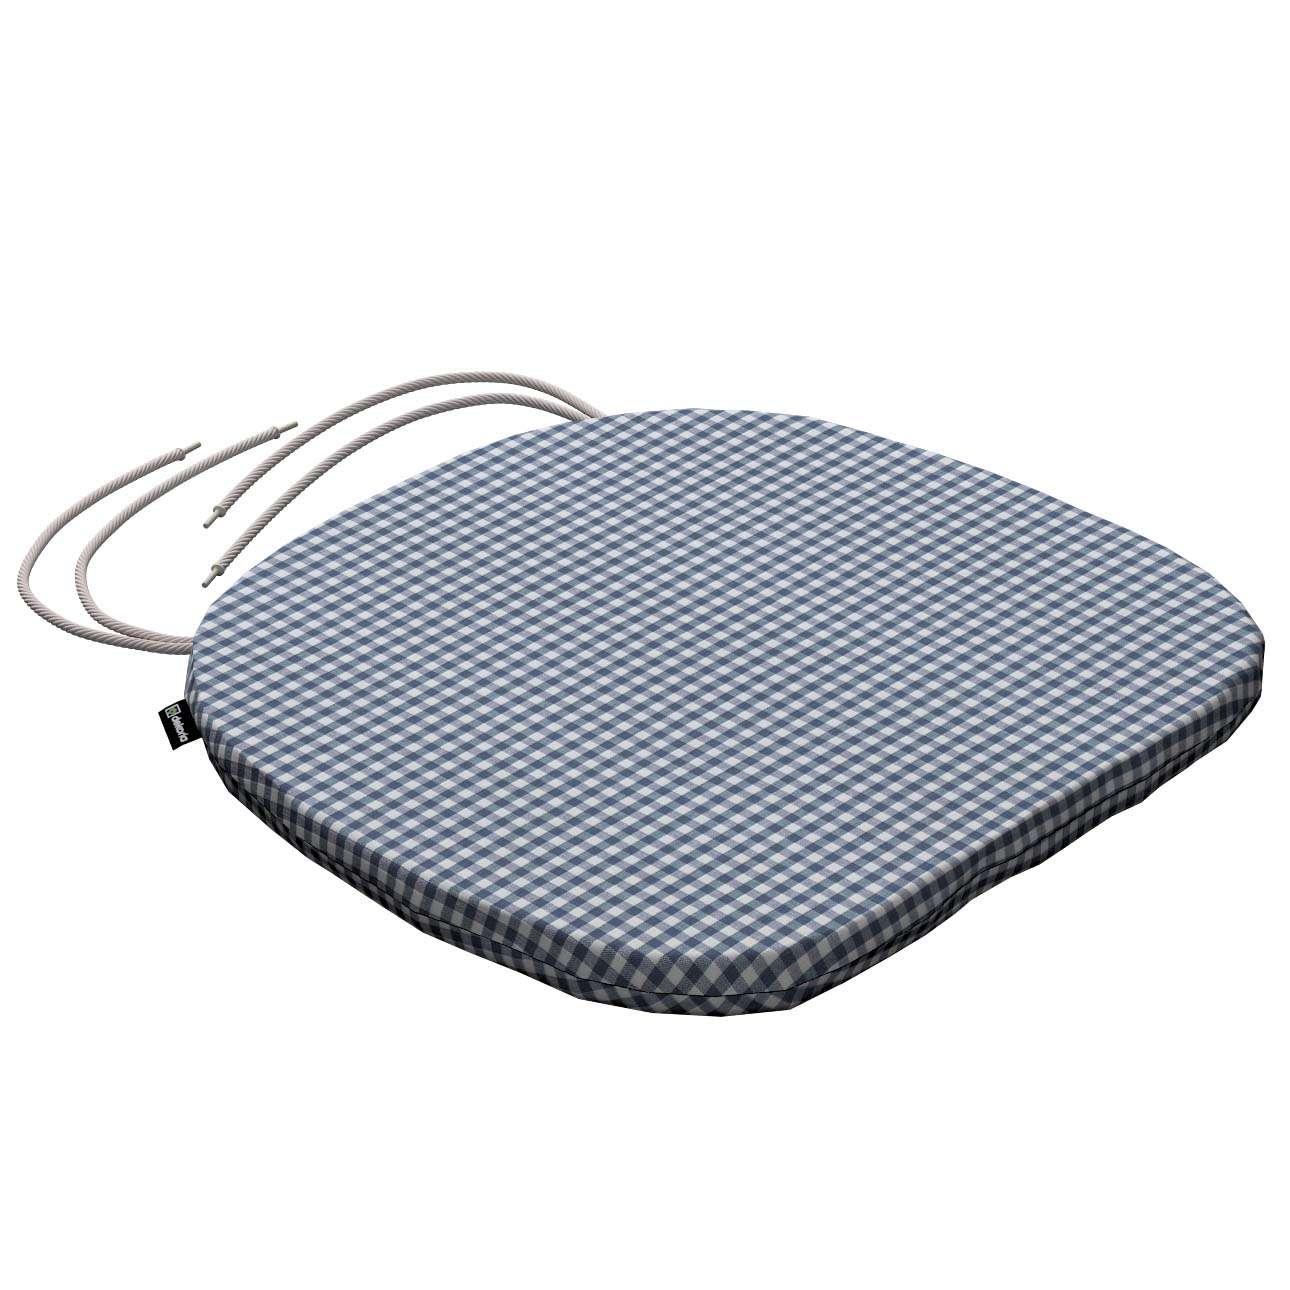 Siedzisko Bartek na krzesło 40x37x2,5cm w kolekcji Quadro, tkanina: 136-00